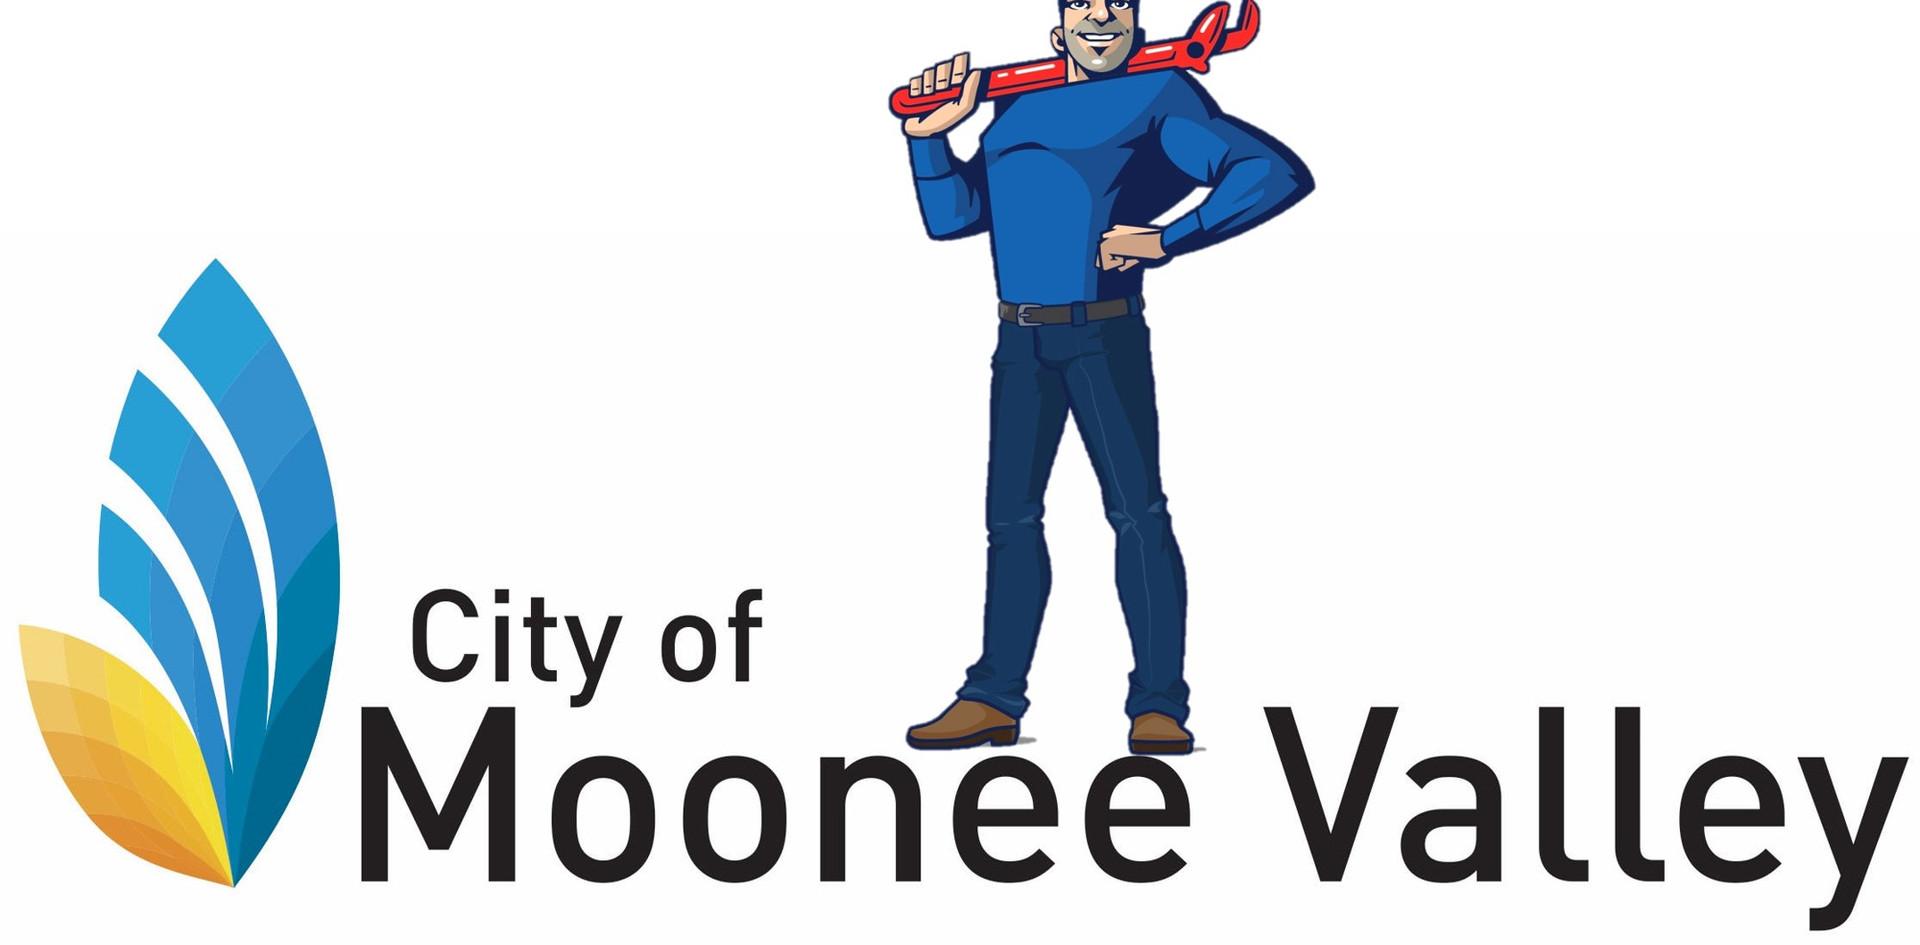 Moonee Valley Suburbs